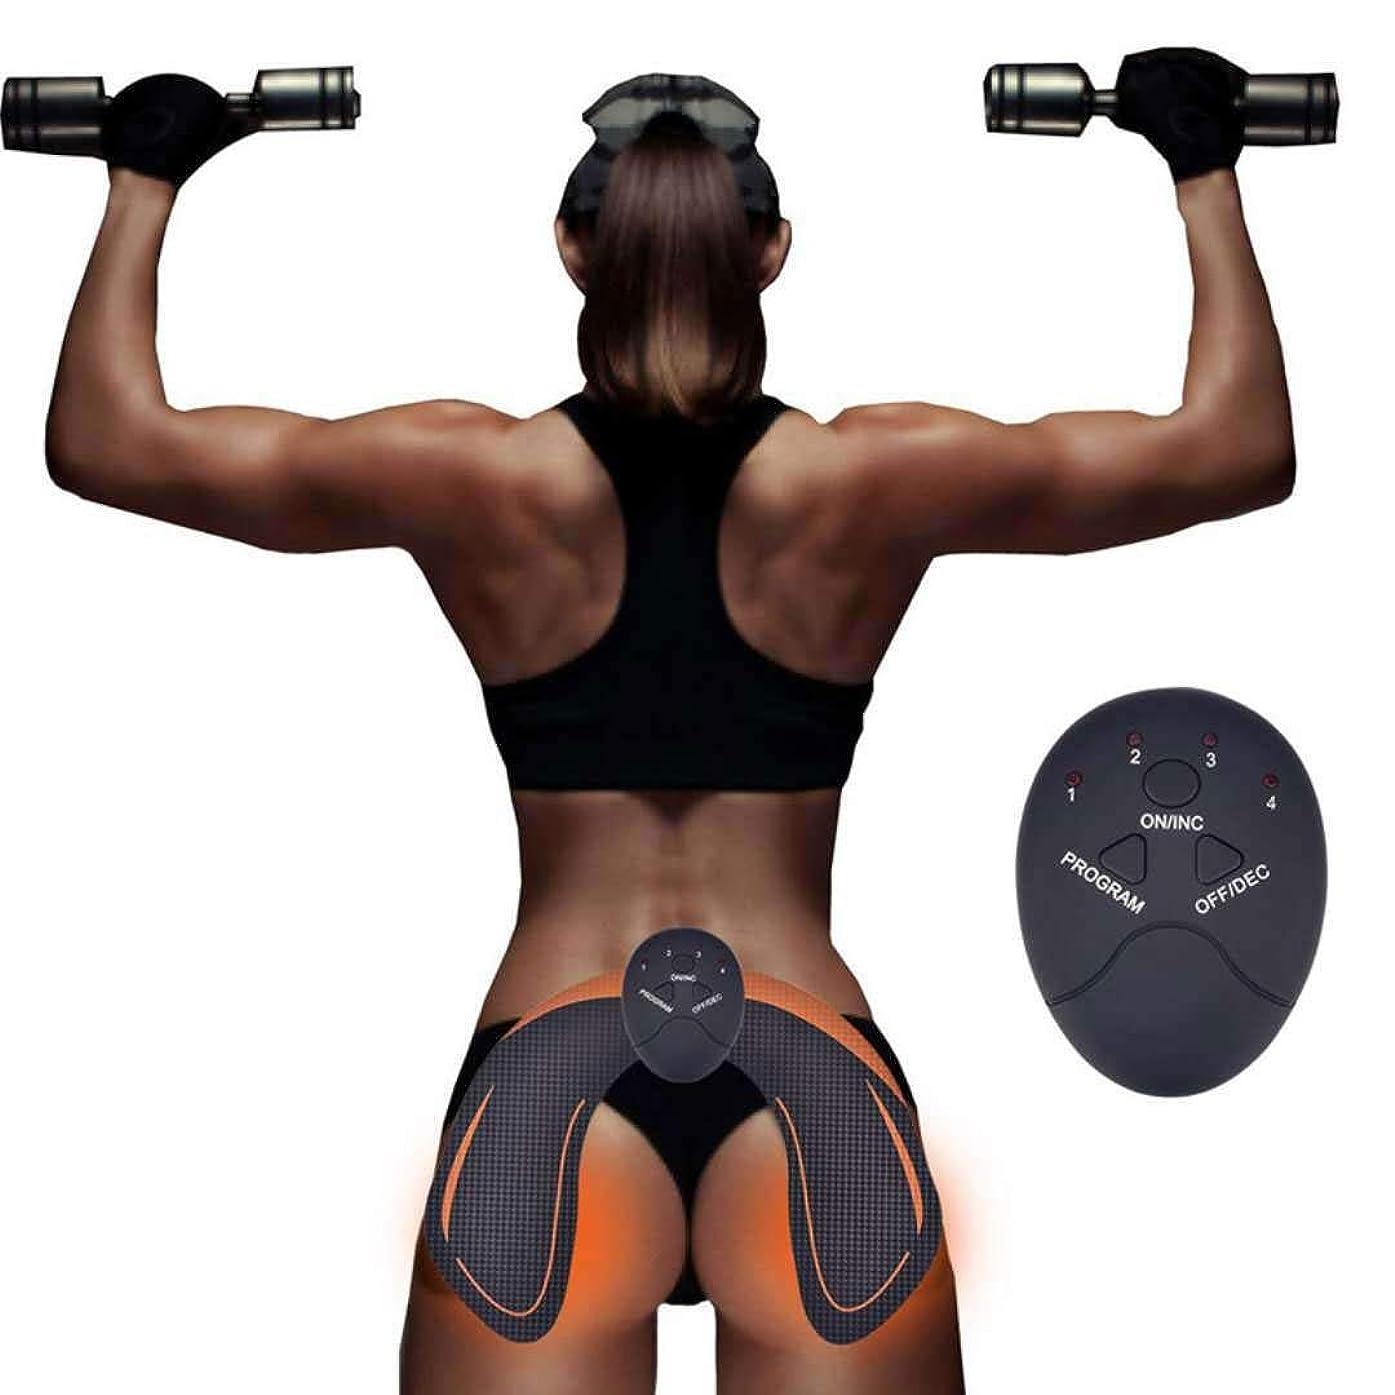 魔術師住むベストヒップEMS筋肉刺激装置、電子裏面筋肉トナー、男性女性用スマートウェアラブル臀部トナートレーナー、pygal痩身マシン (Size : Color box)